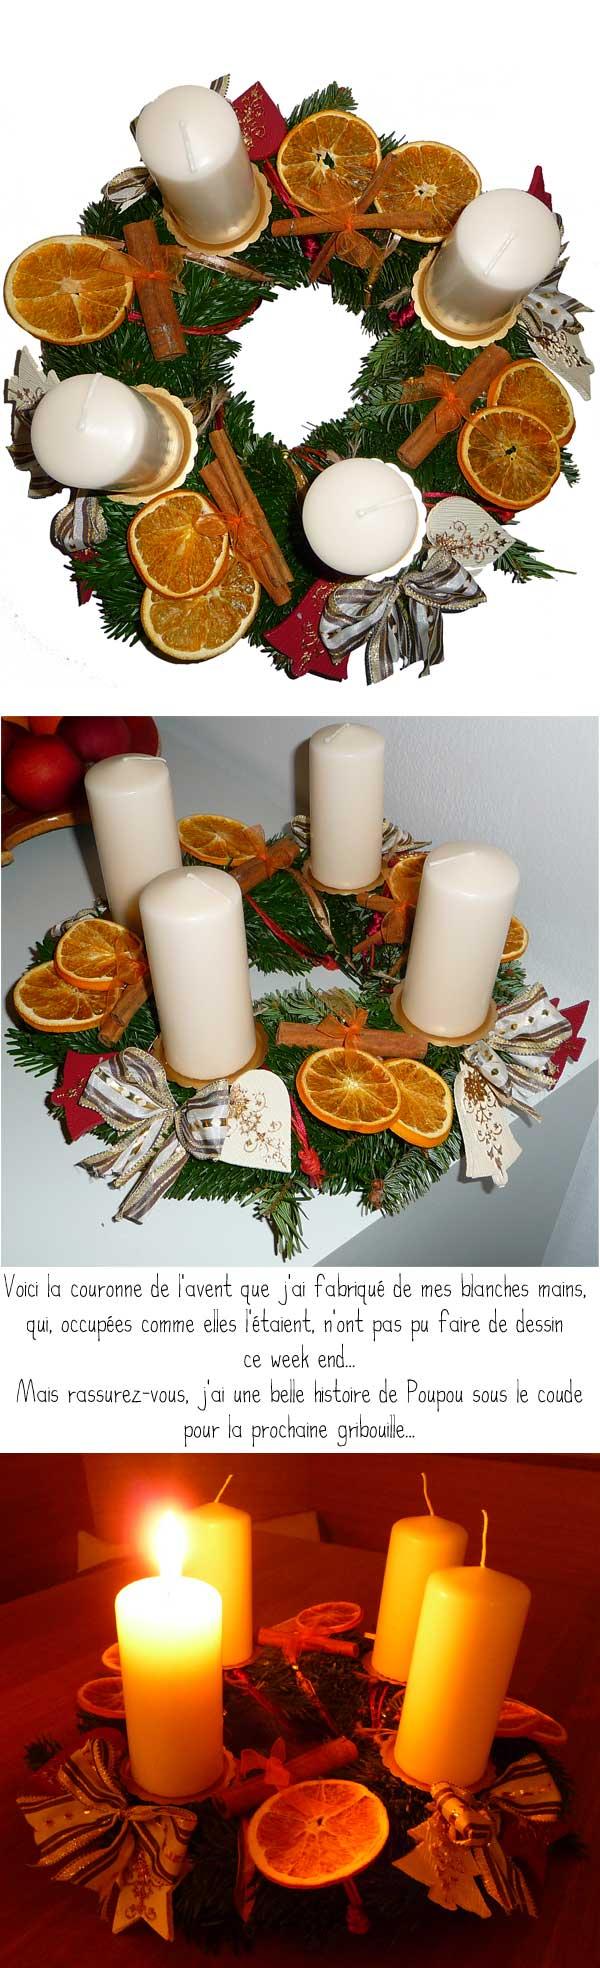 Advent, advent, ein Lichtlein brennt dans divers couronne